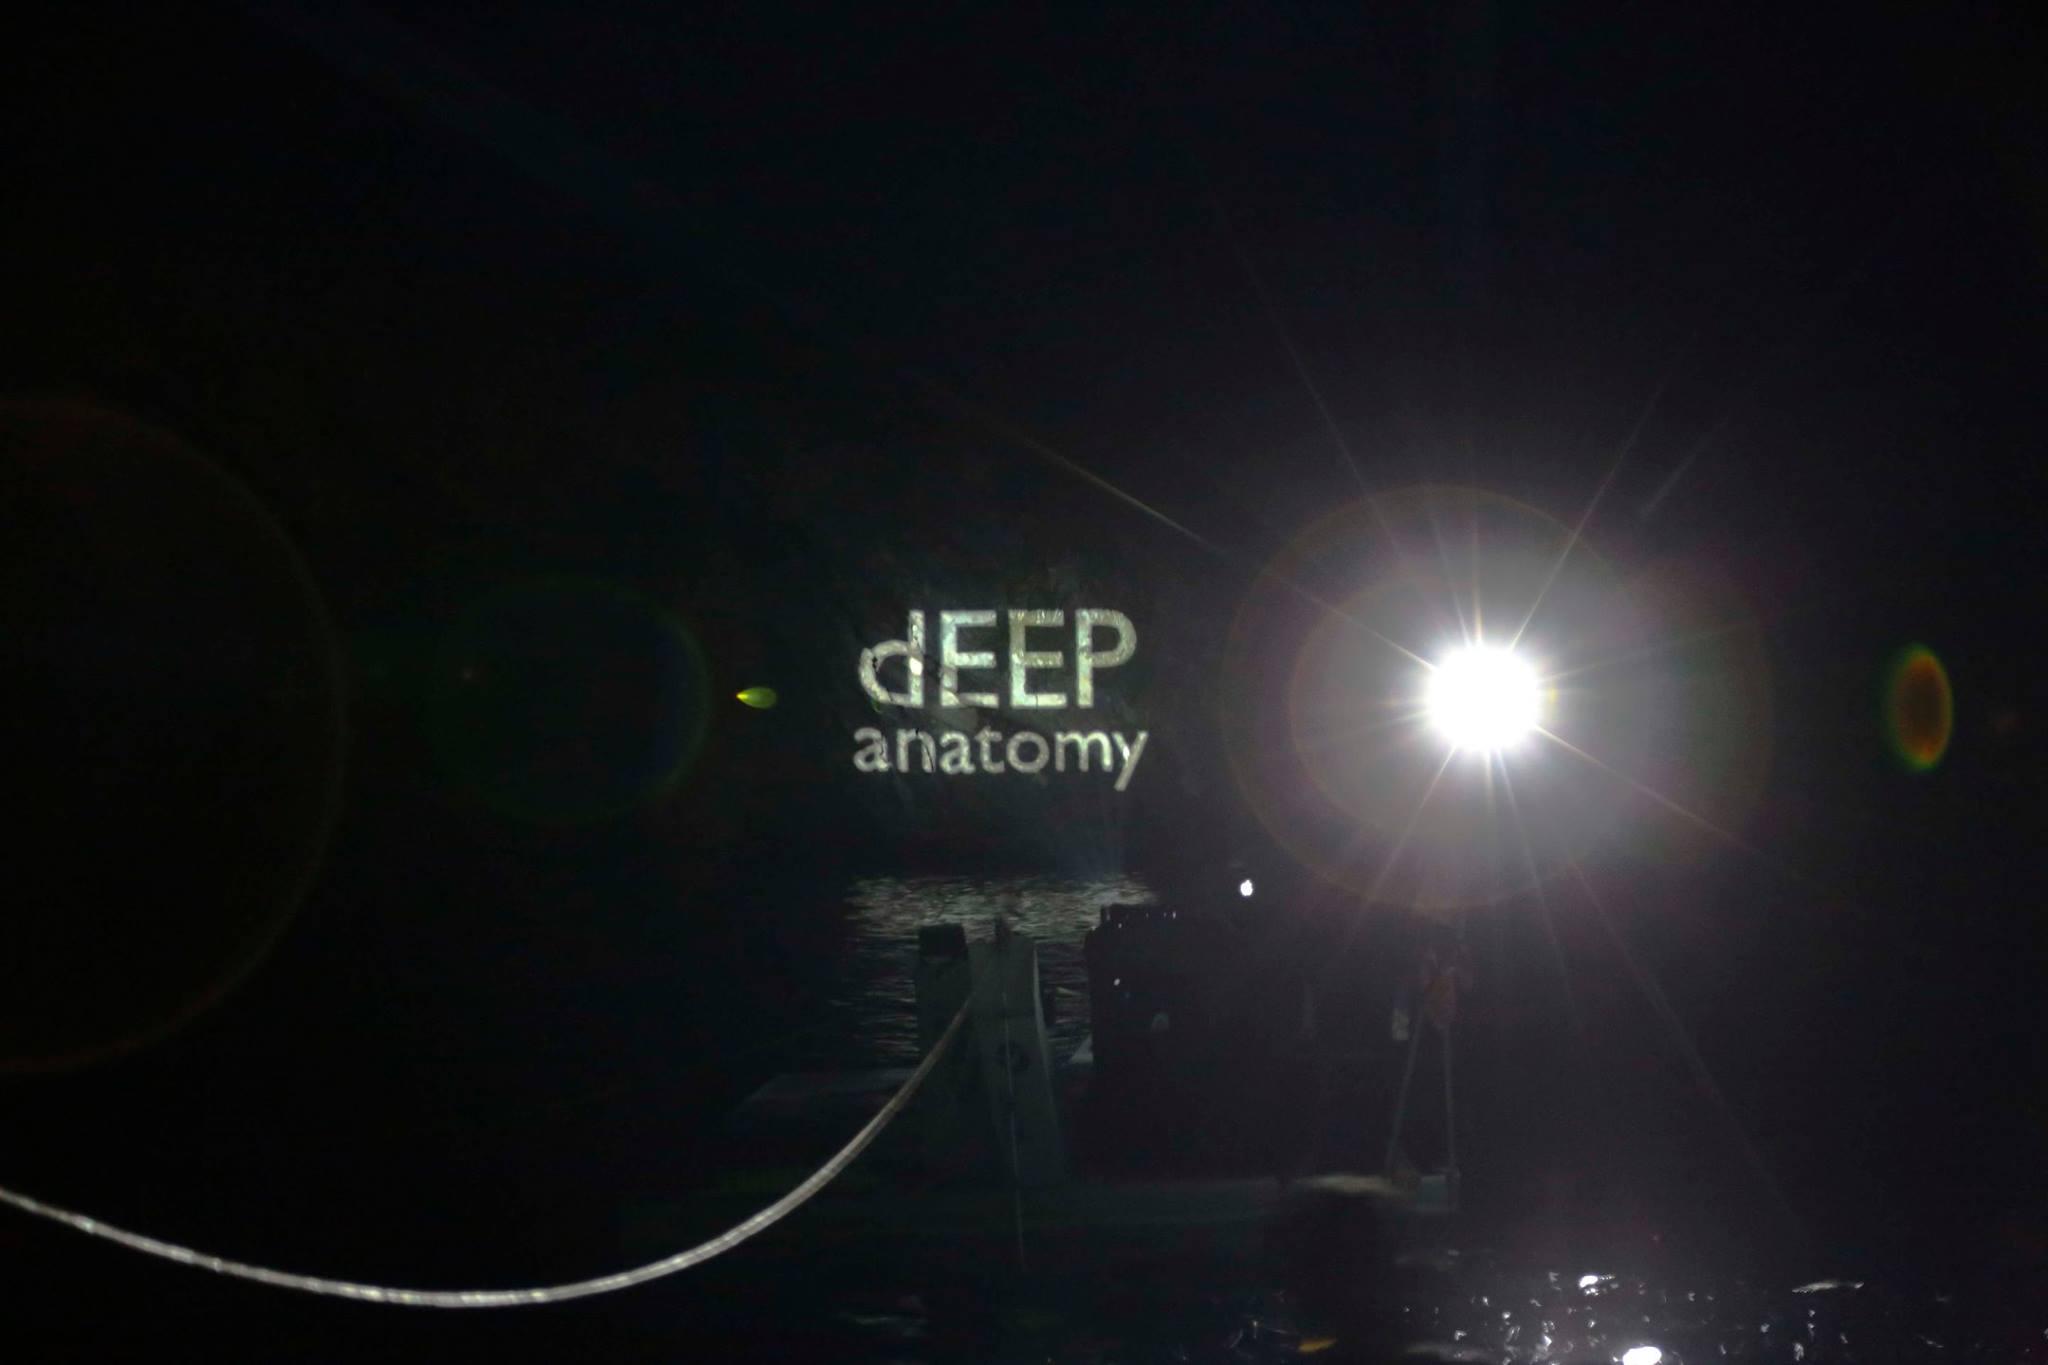 Deep Anatomy Keynote Talk